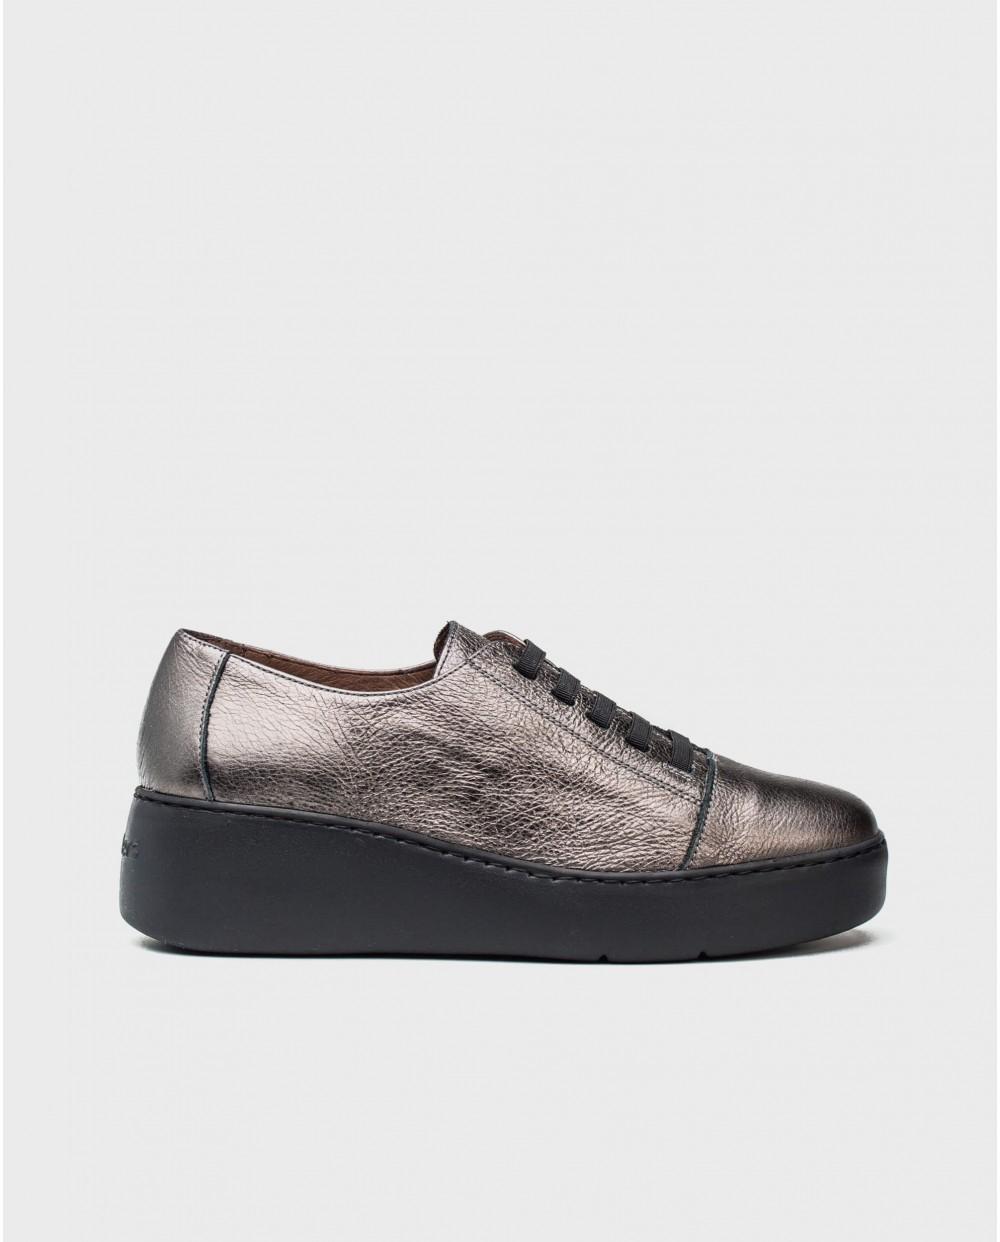 Wonders-Sneakers-Metalized leather sneakers with elastic fastener